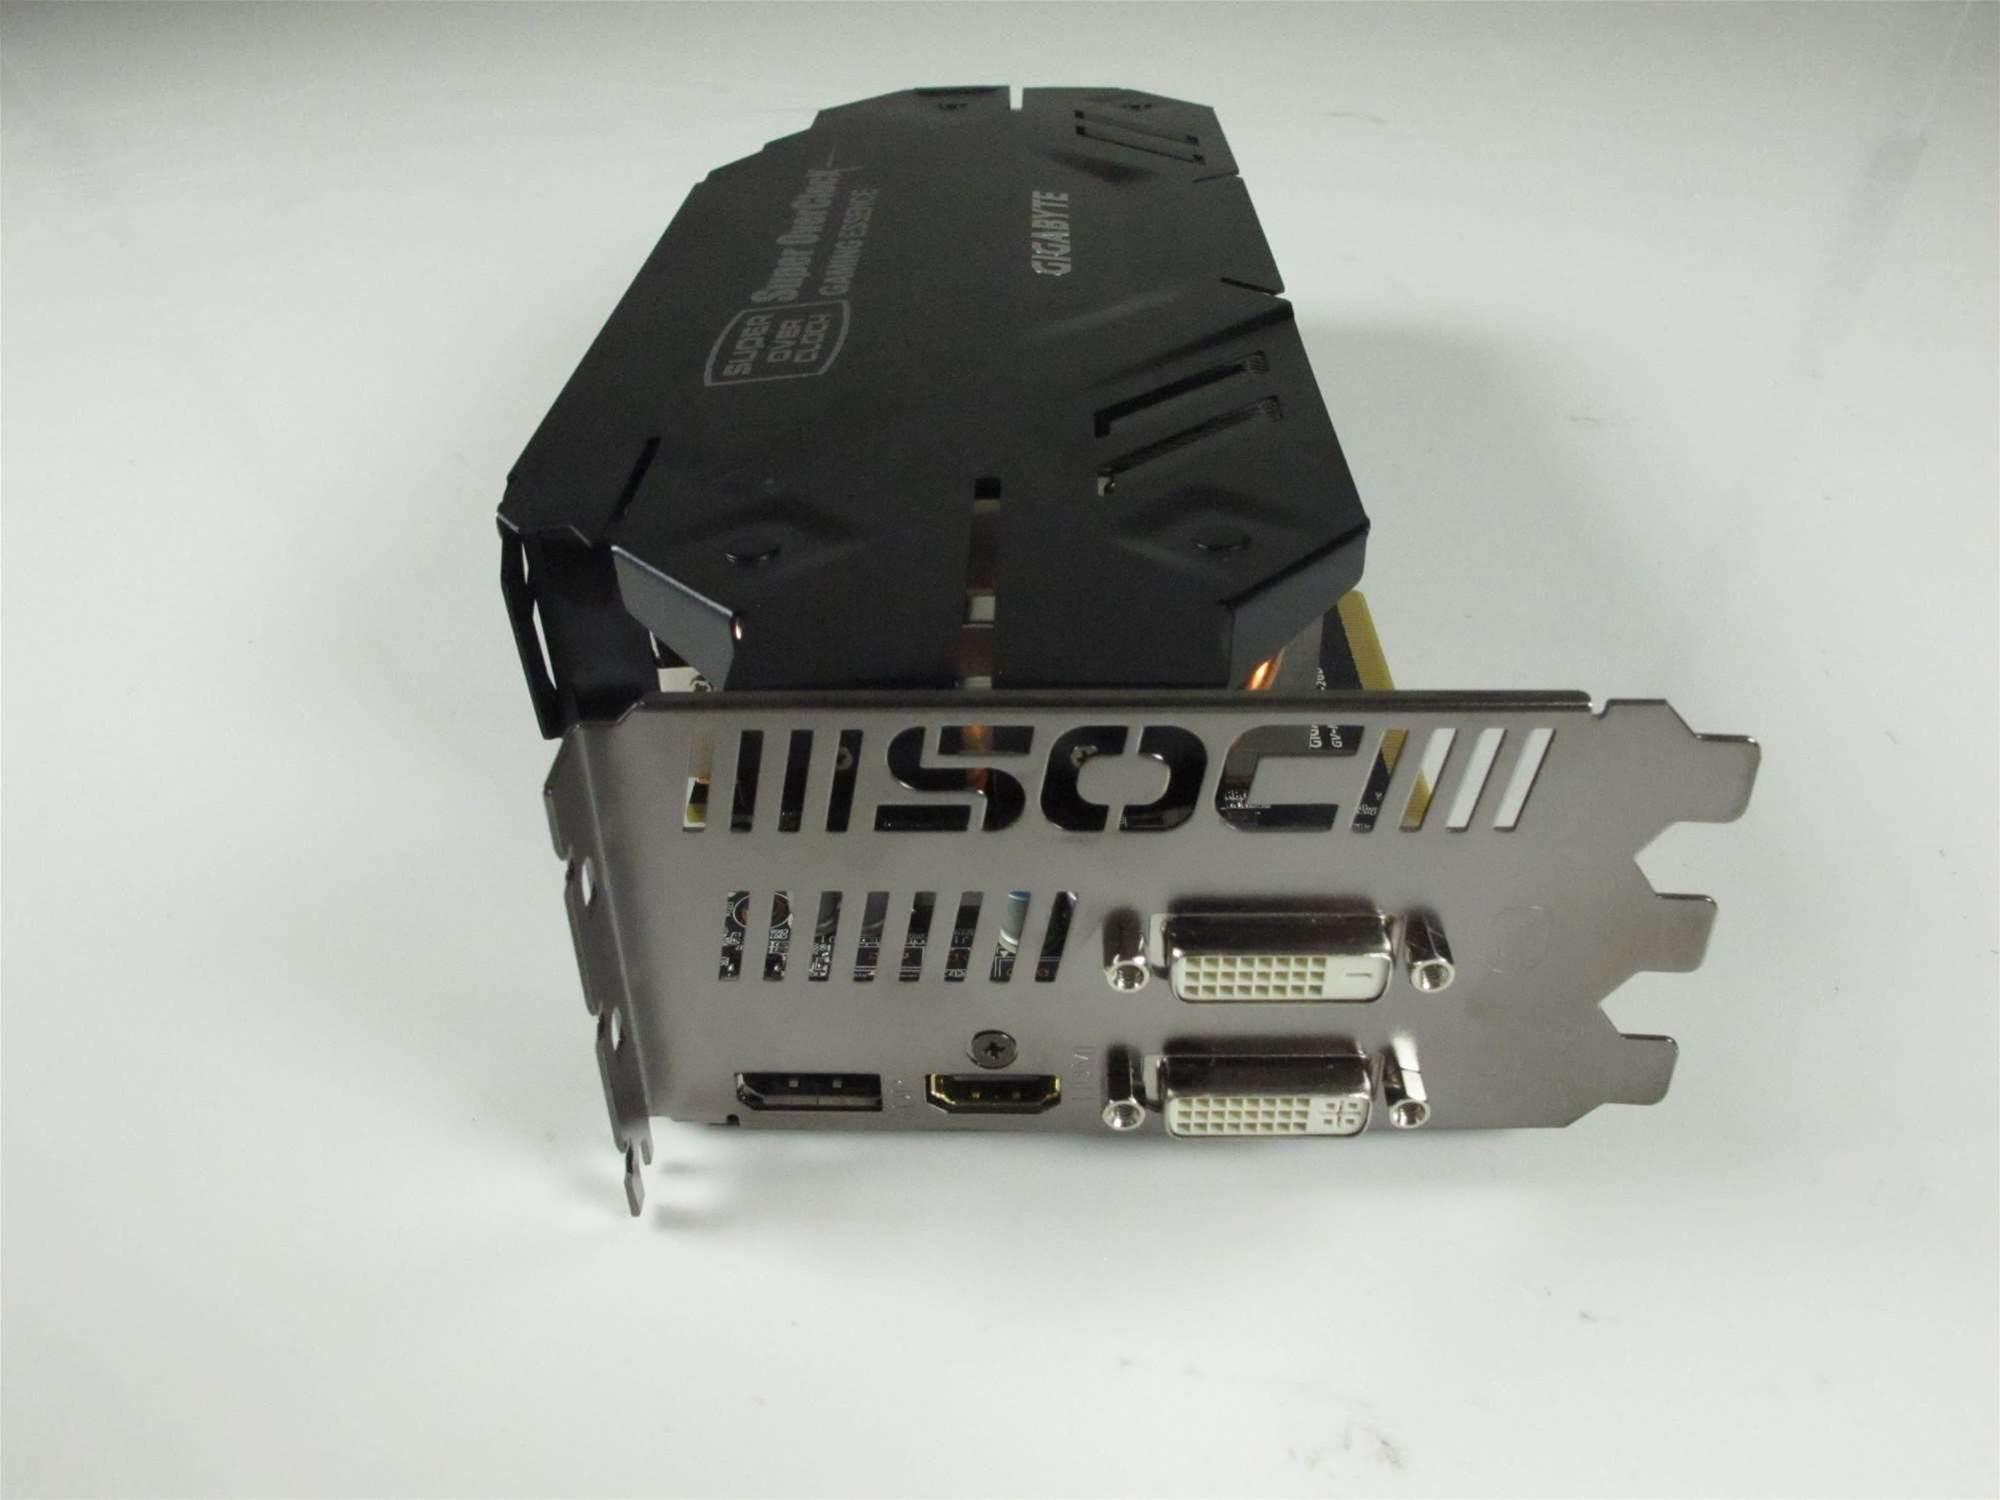 Gigabyte GTX 680 Super Overclock